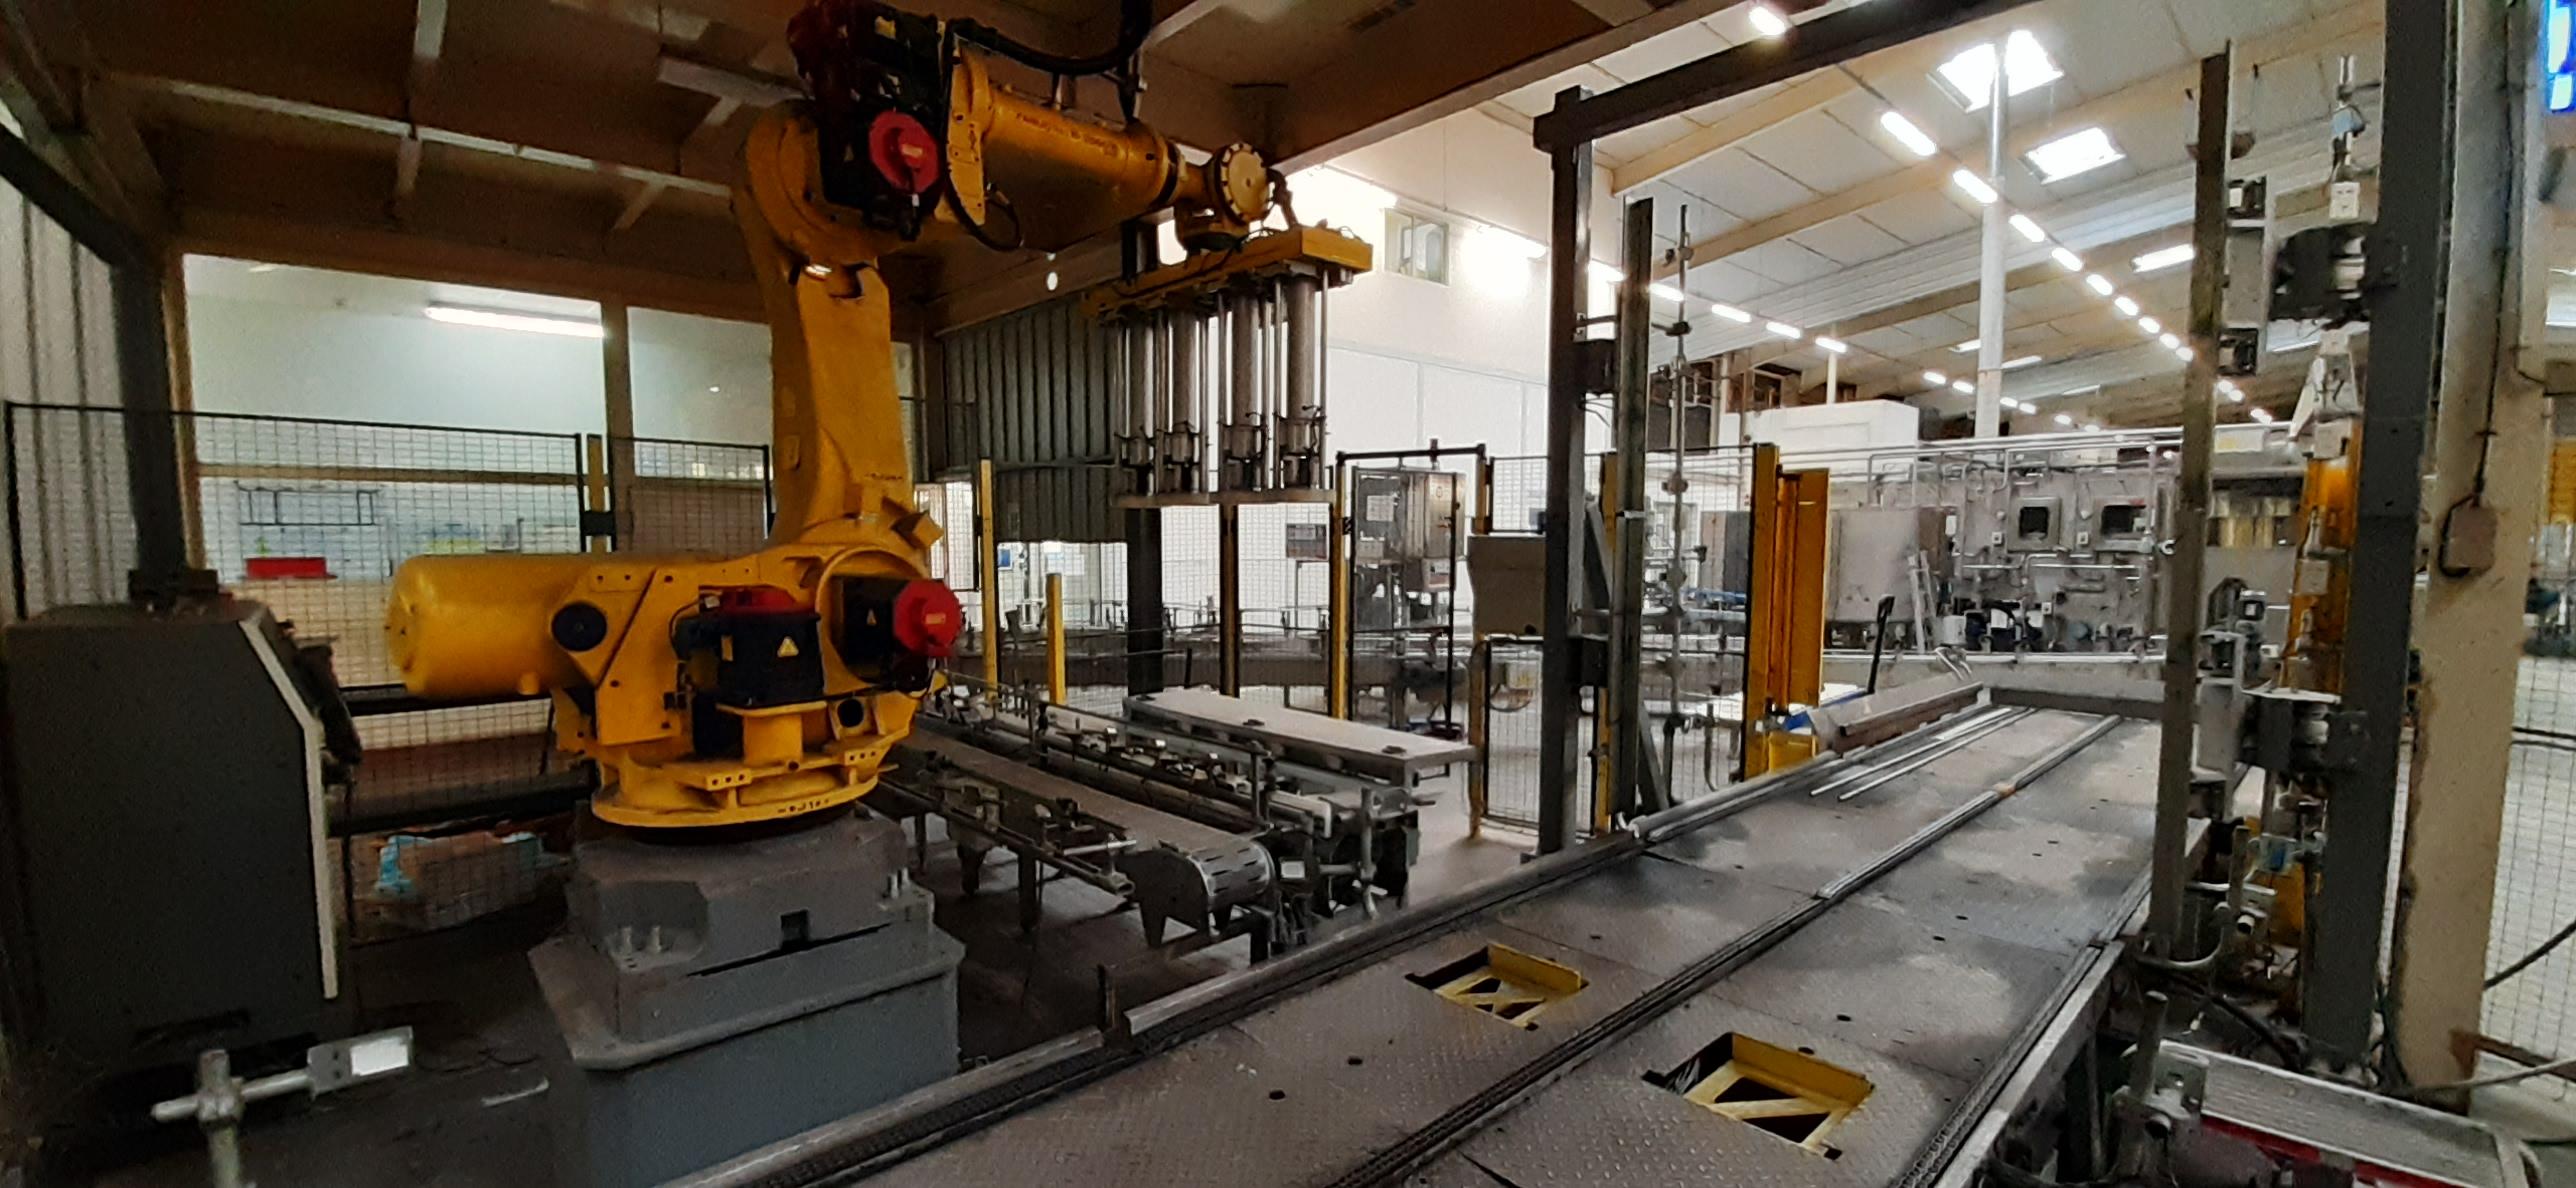 5 dicas para venda de equipamentos industriais usados